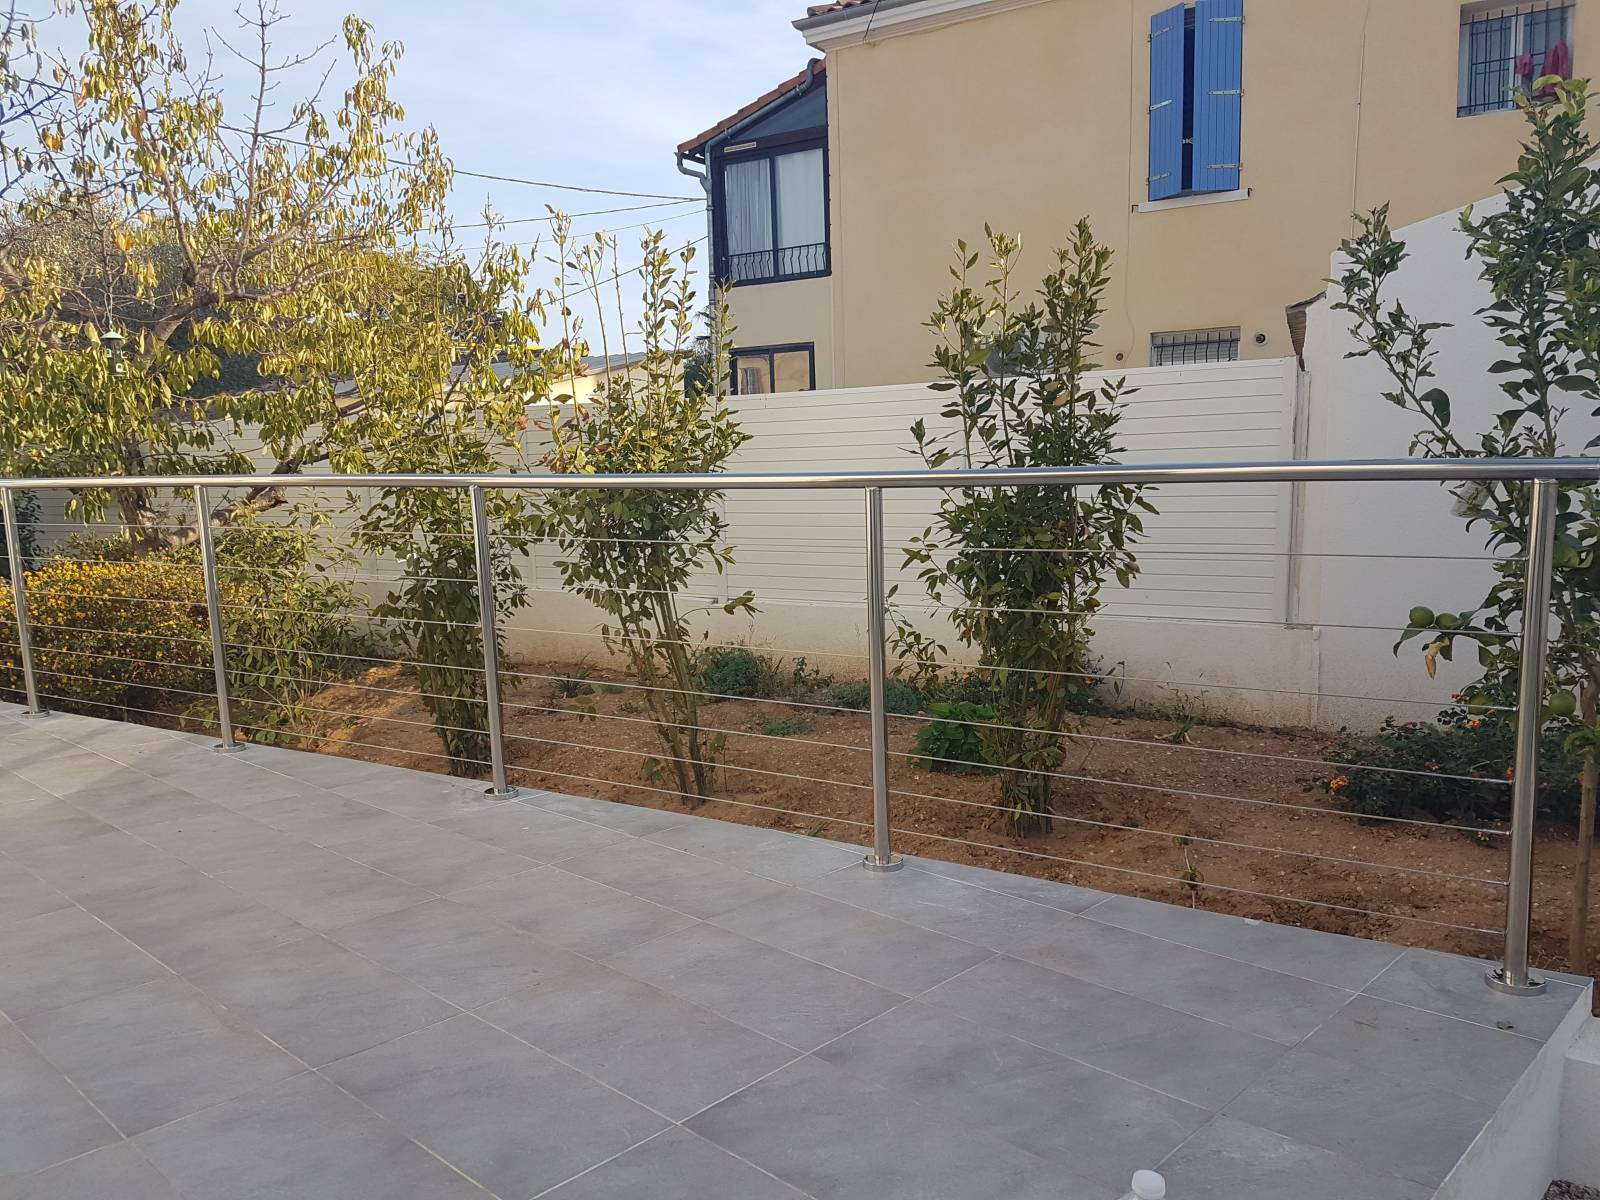 barriere extérieur inox poli miroir et câble inox sur terrasse d'une